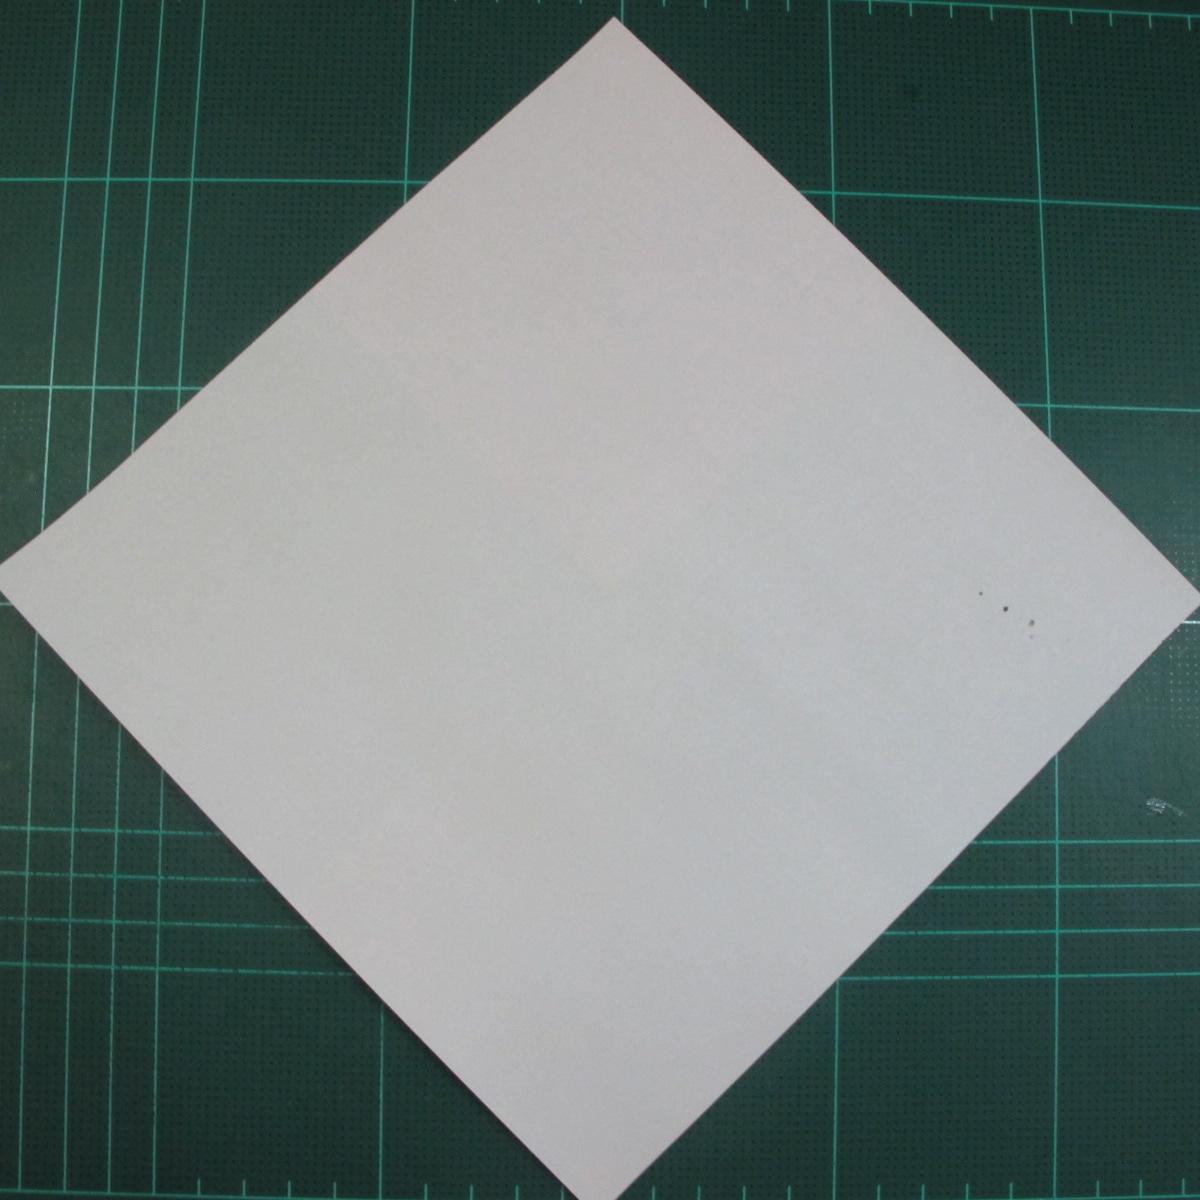 วิธีพับกระดาษเป็นรูปนกแก้ว (Origami Parrot) 001